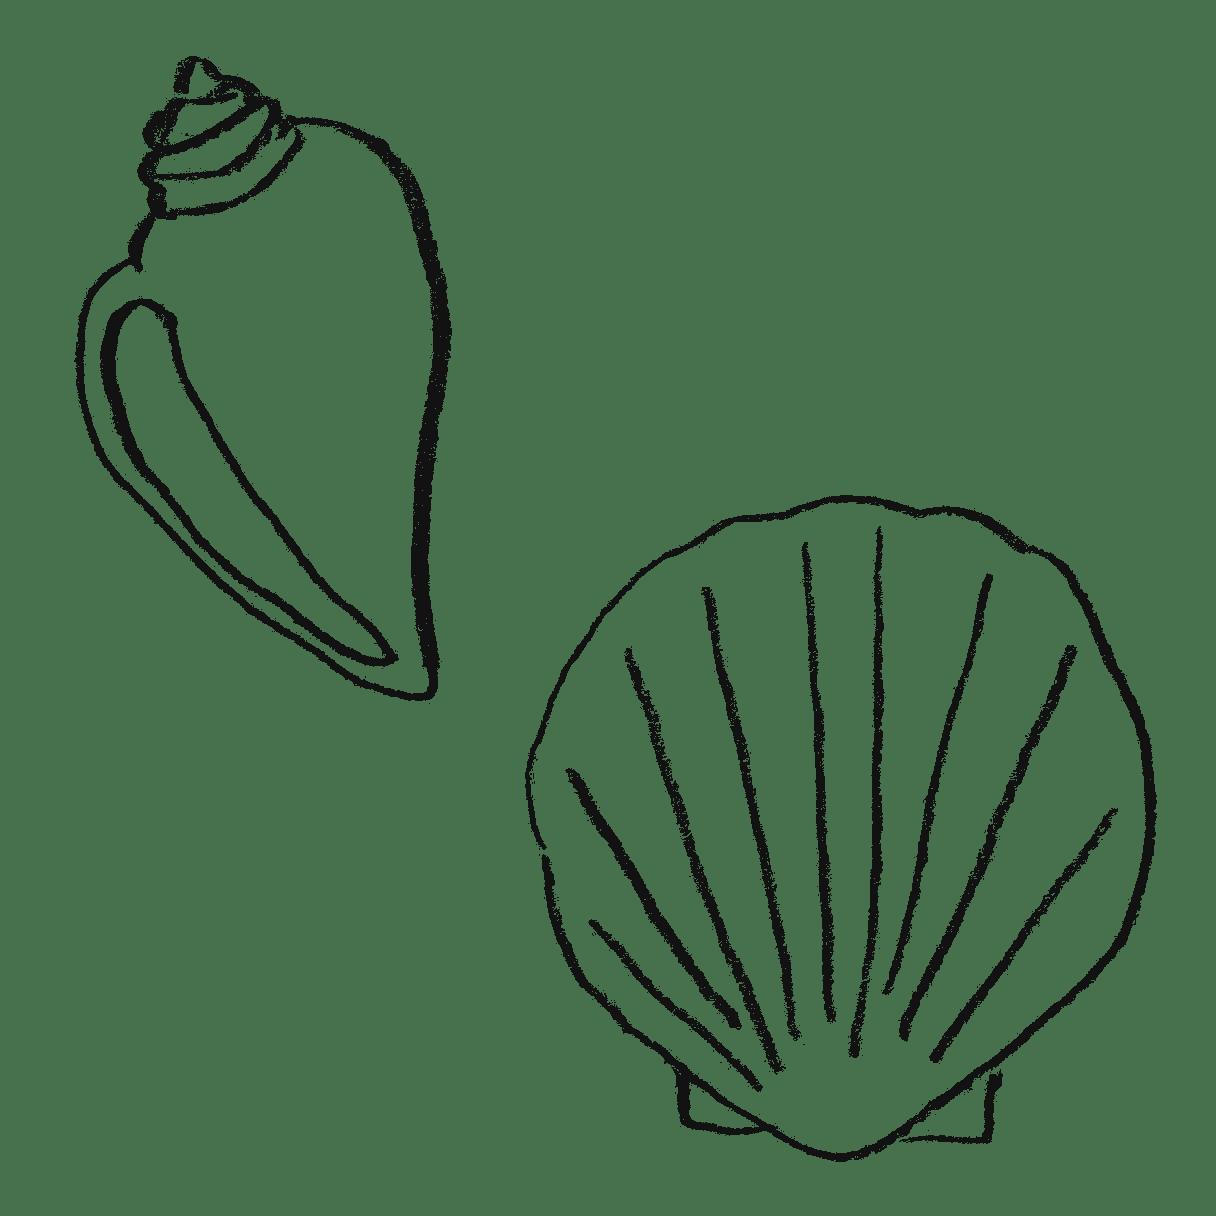 貝殻のイラストフリー素材